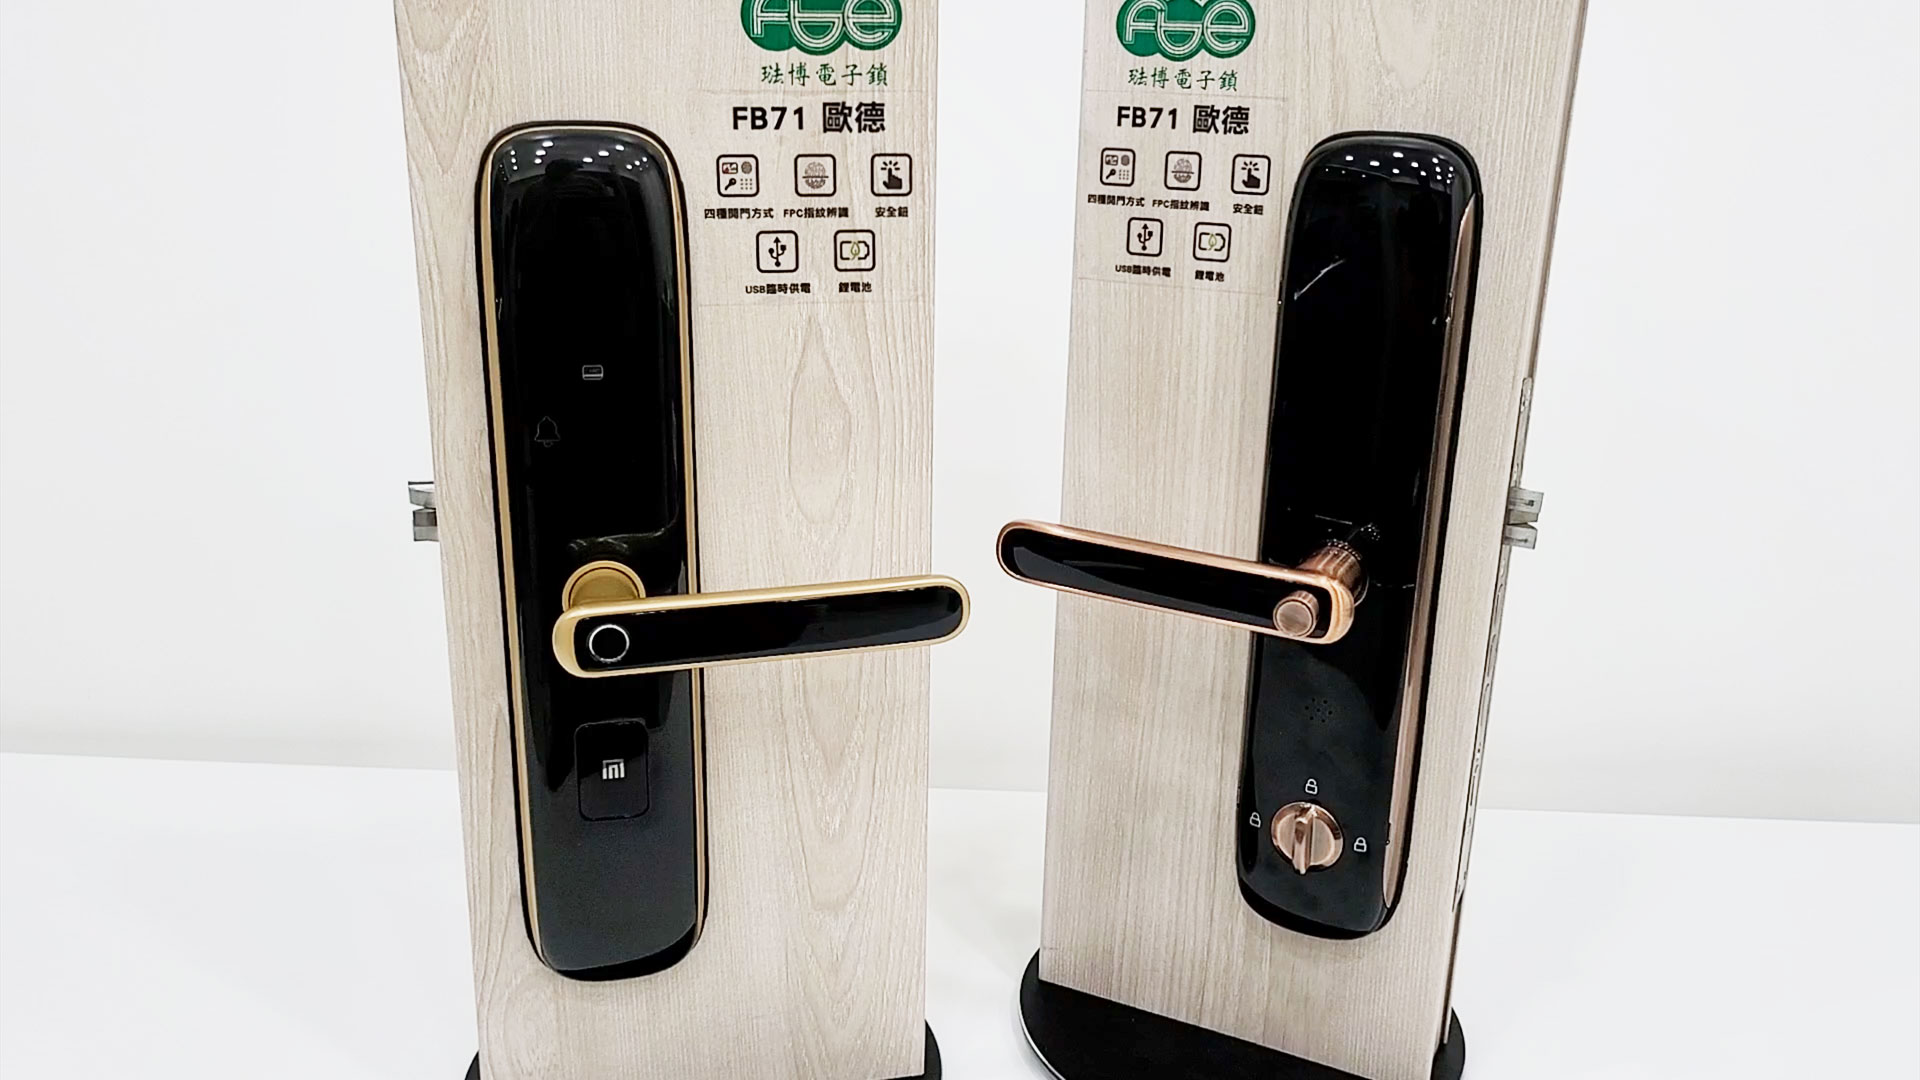 安靜、安全,支援幾乎所有解鎖方式!琺博FB71歐德電子鎖開箱